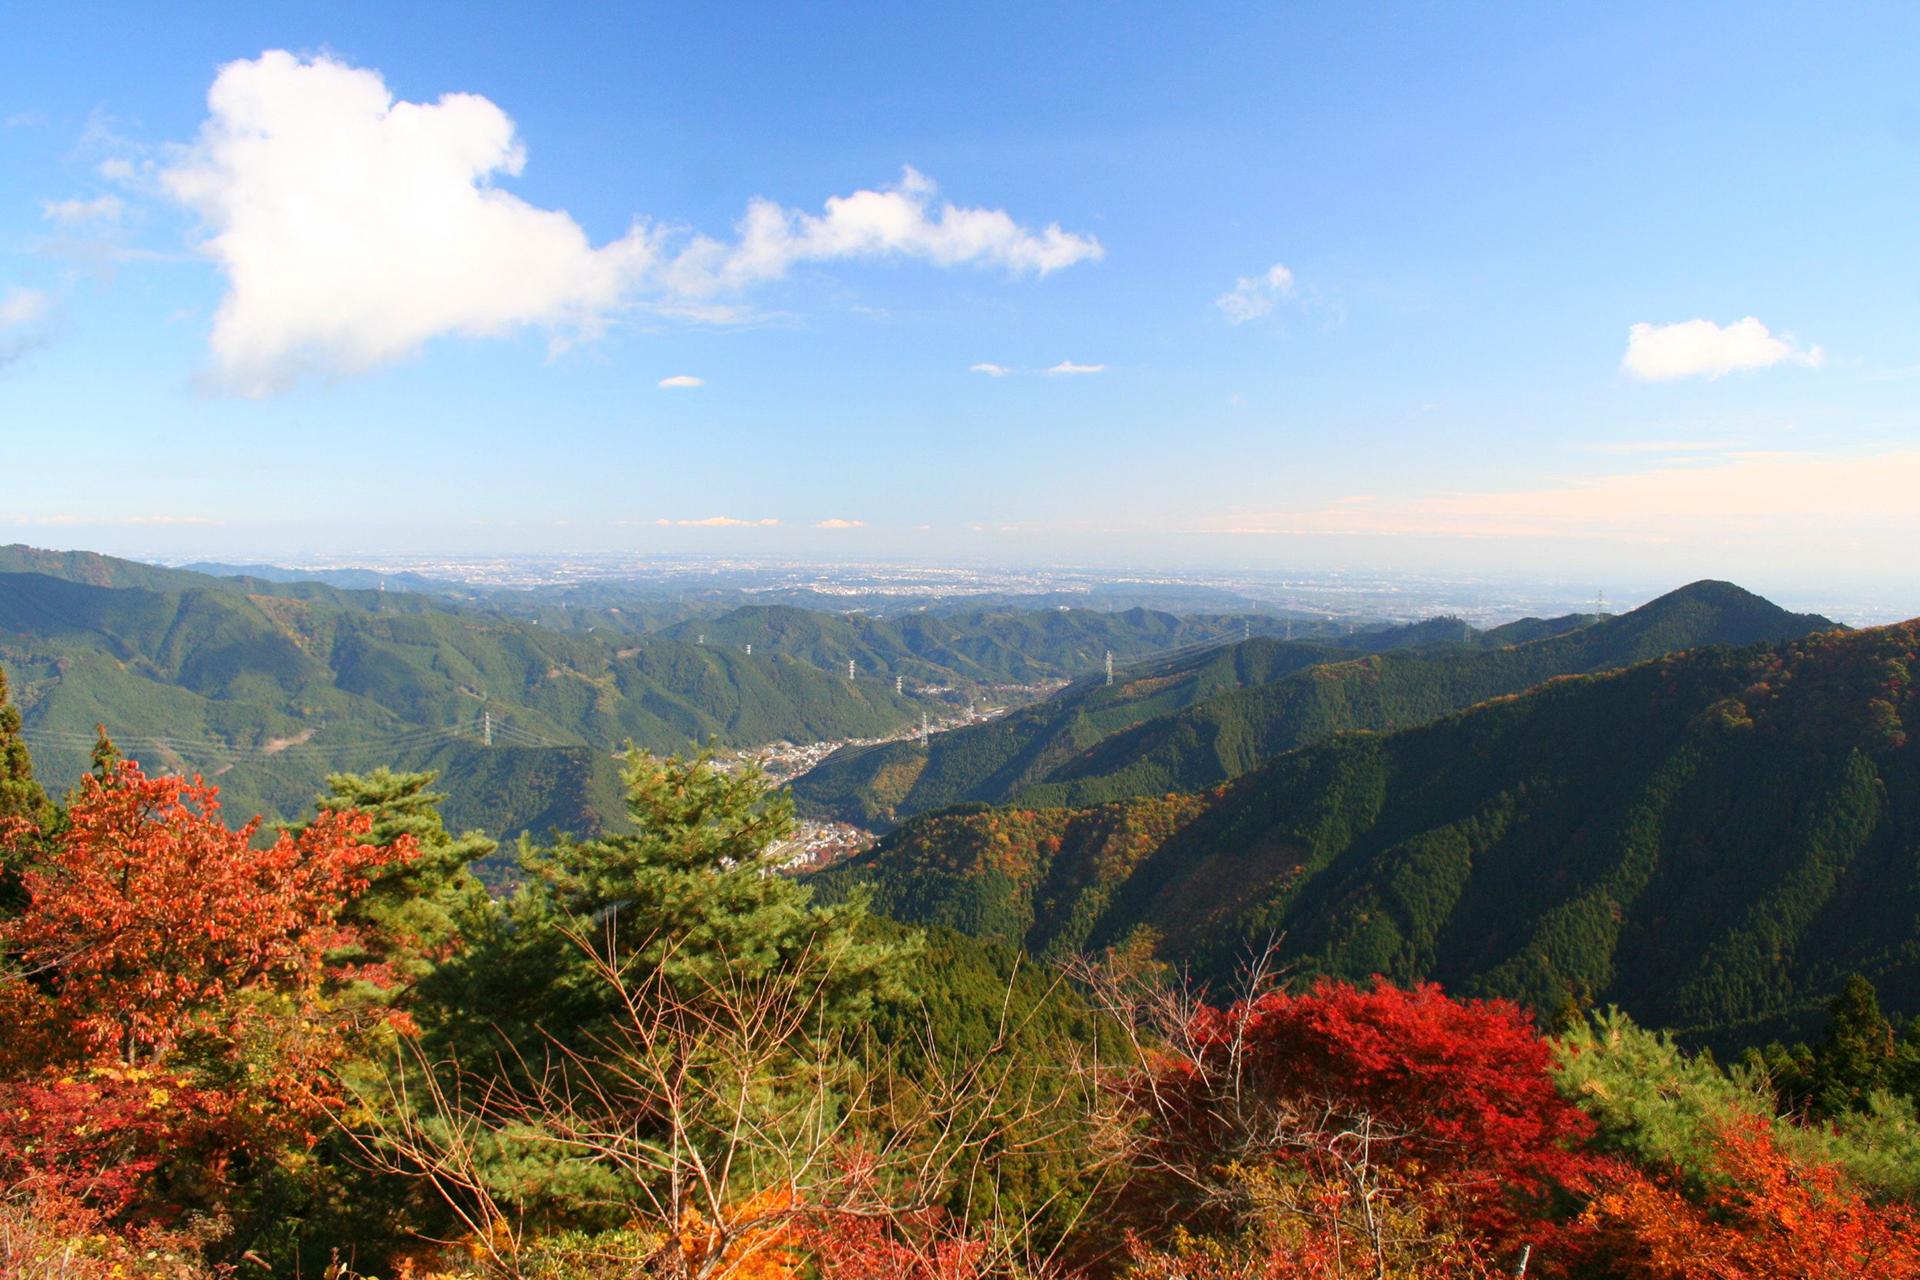 10-2 ビギナーにもおすすめ!日帰りでも楽しめる関東の絶景登山・ハイキングスポット10選